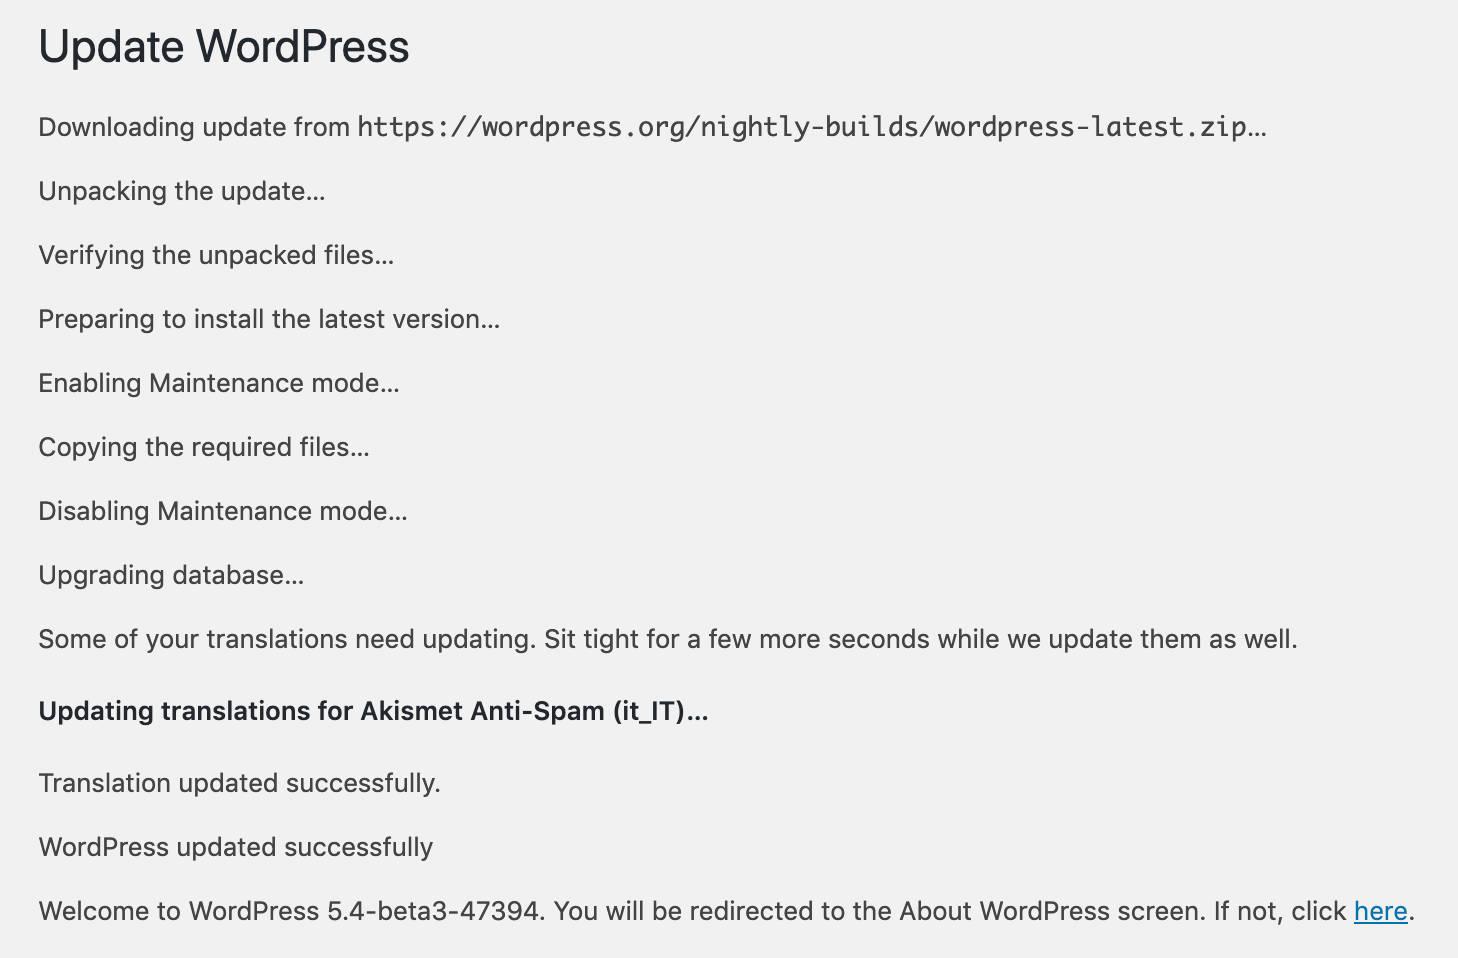 WordPressの更新の進行状況